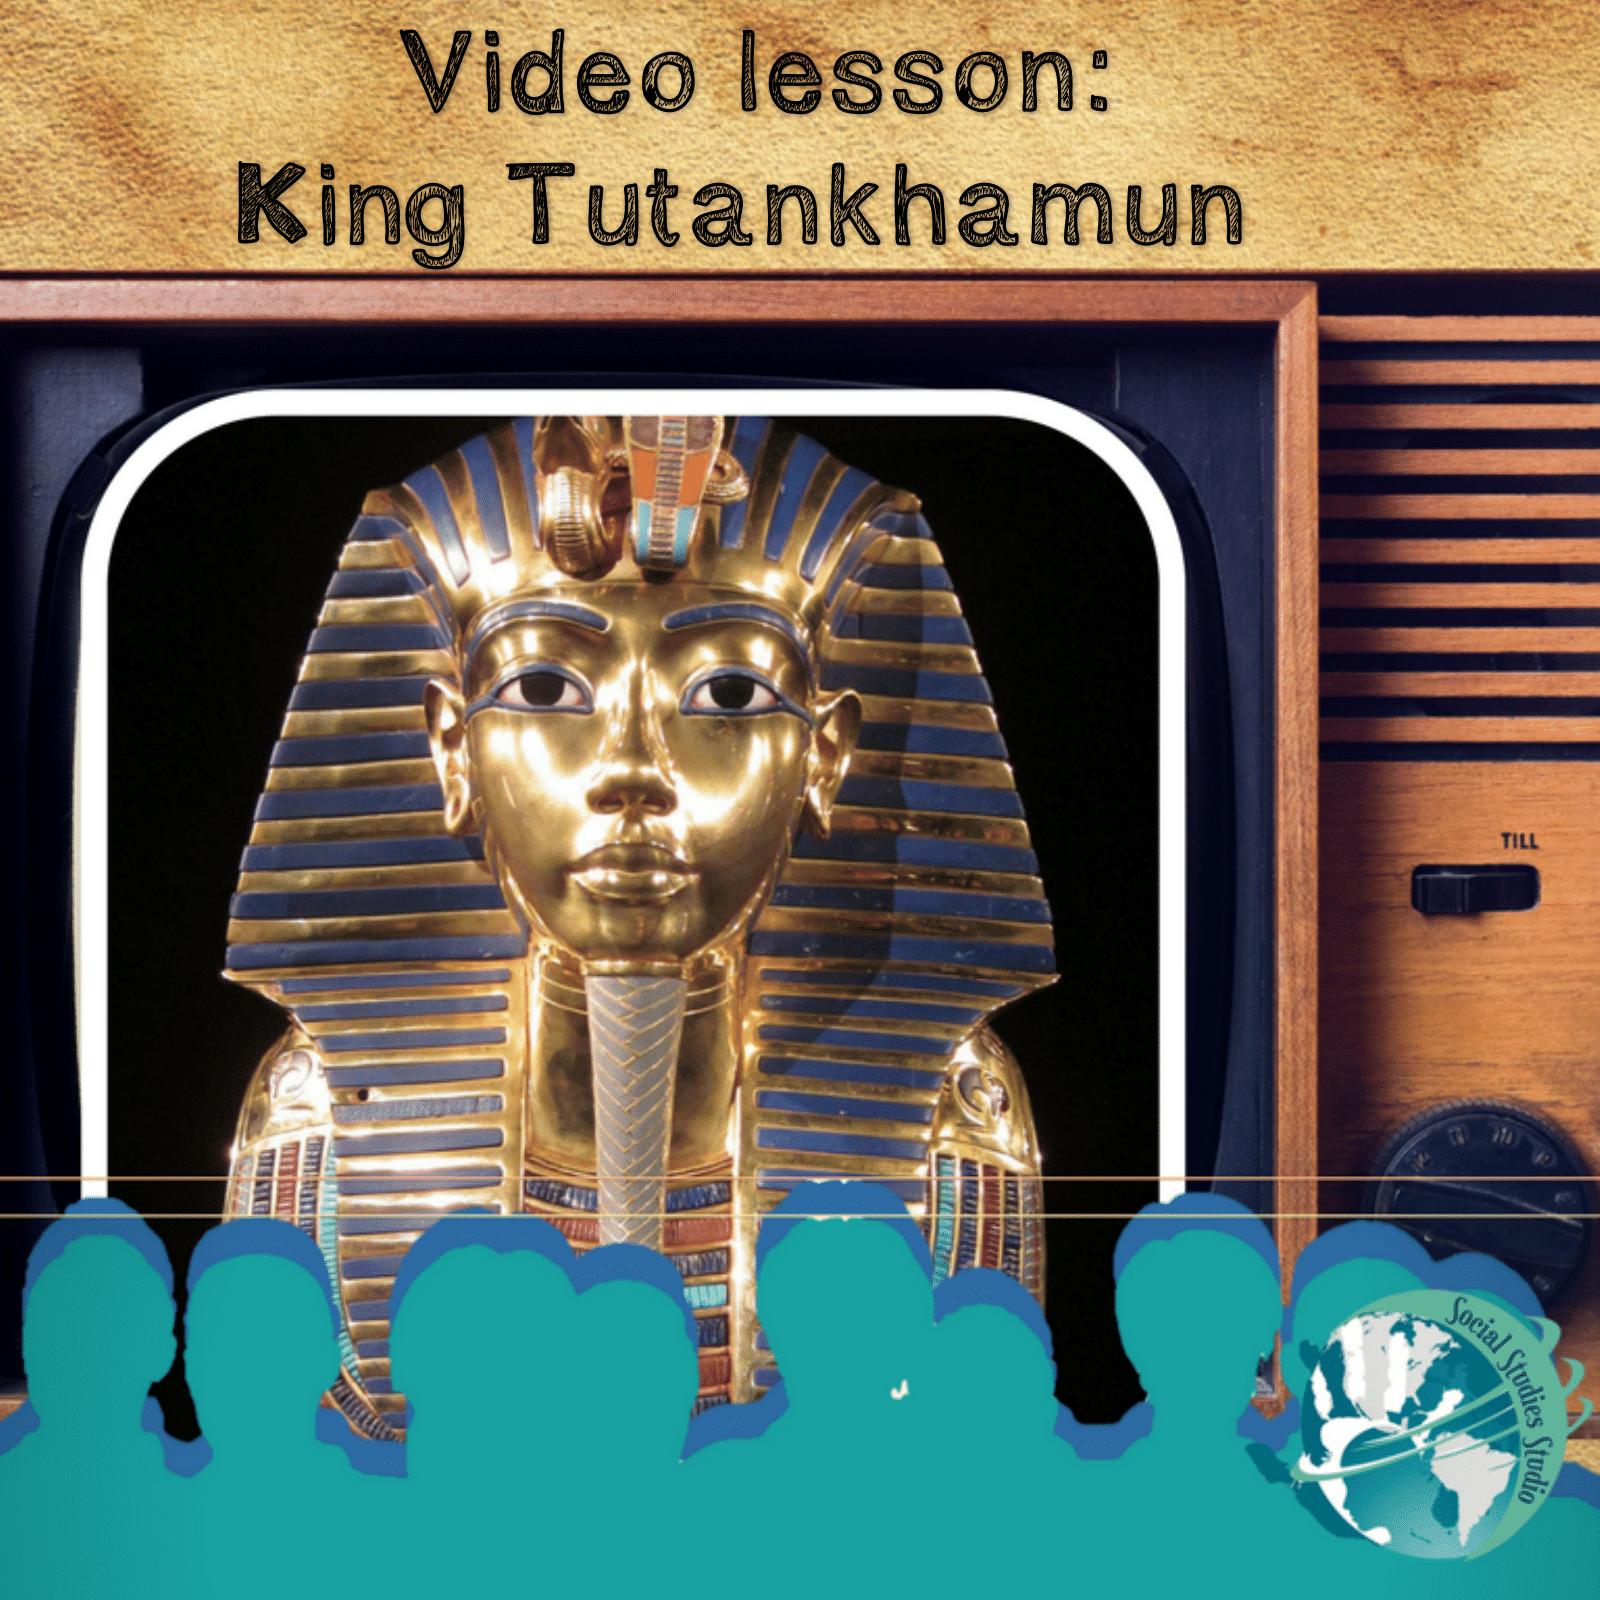 Video Lesson King Tutankhamun Avec Images